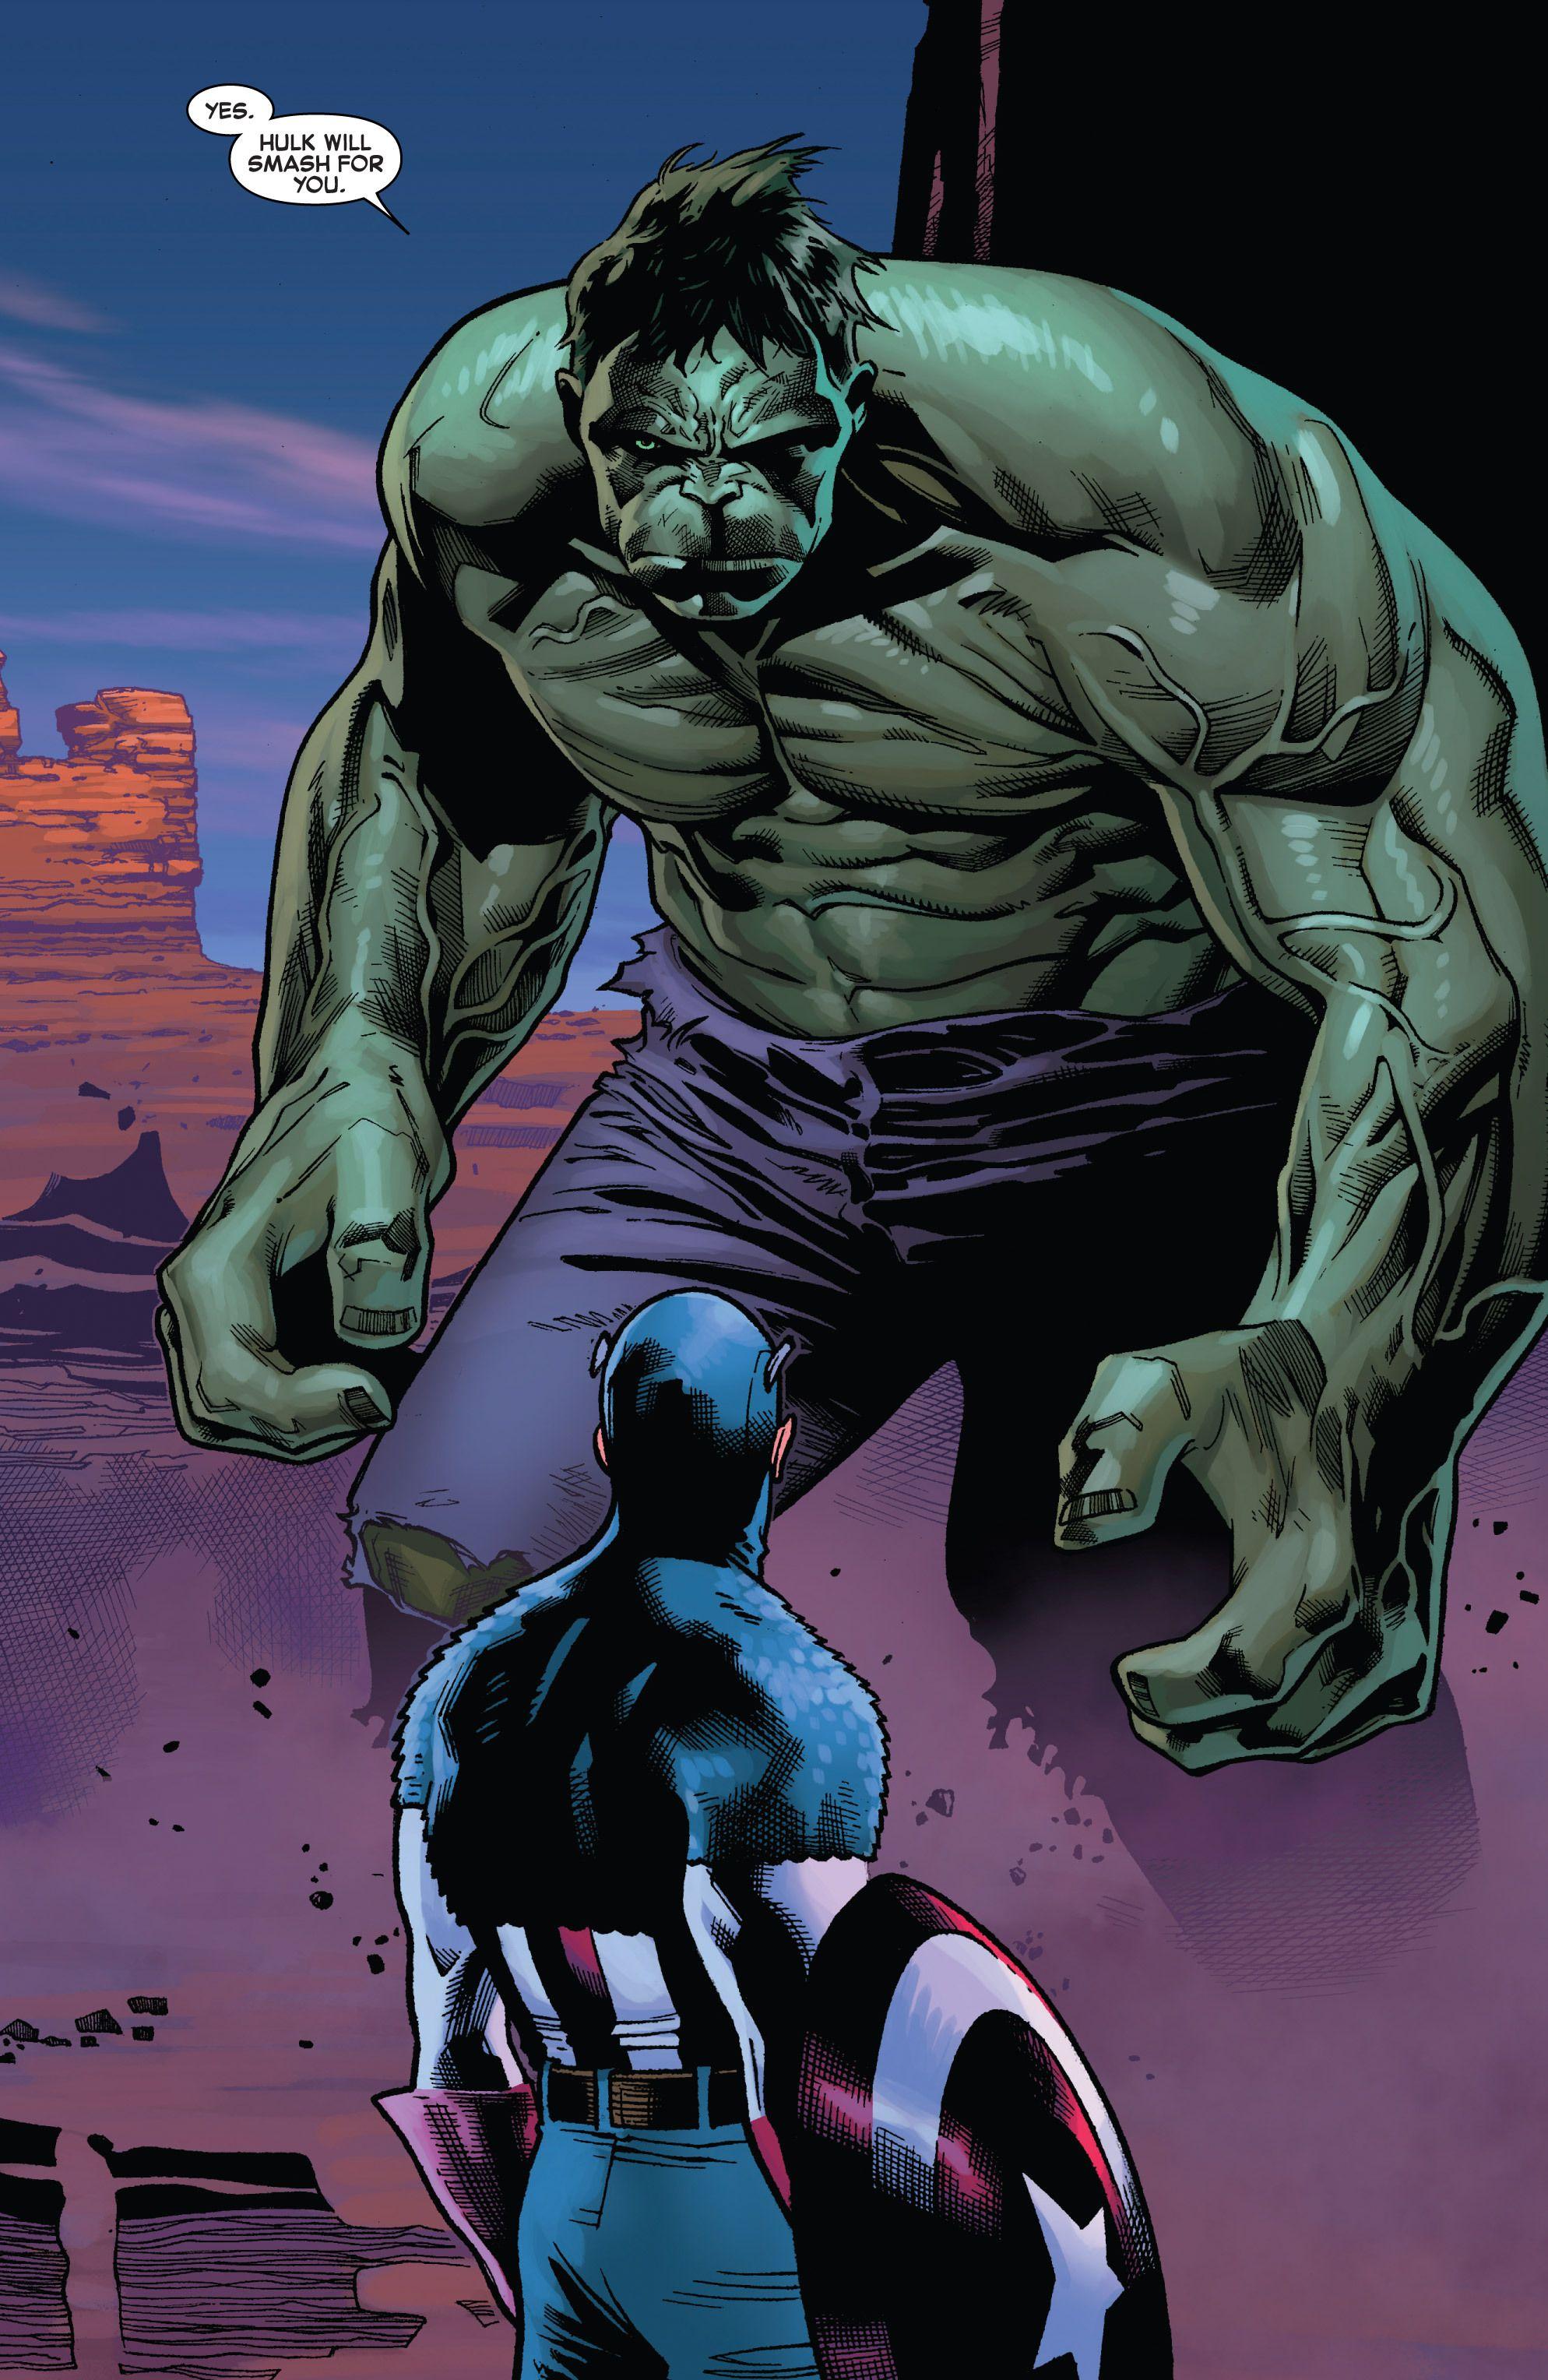 Avengers Vs X Men Vol 1 11 Art By Olivier Coipel Mark Morales Laura Martin Marvel Comics Art Avengers Marvel Characters